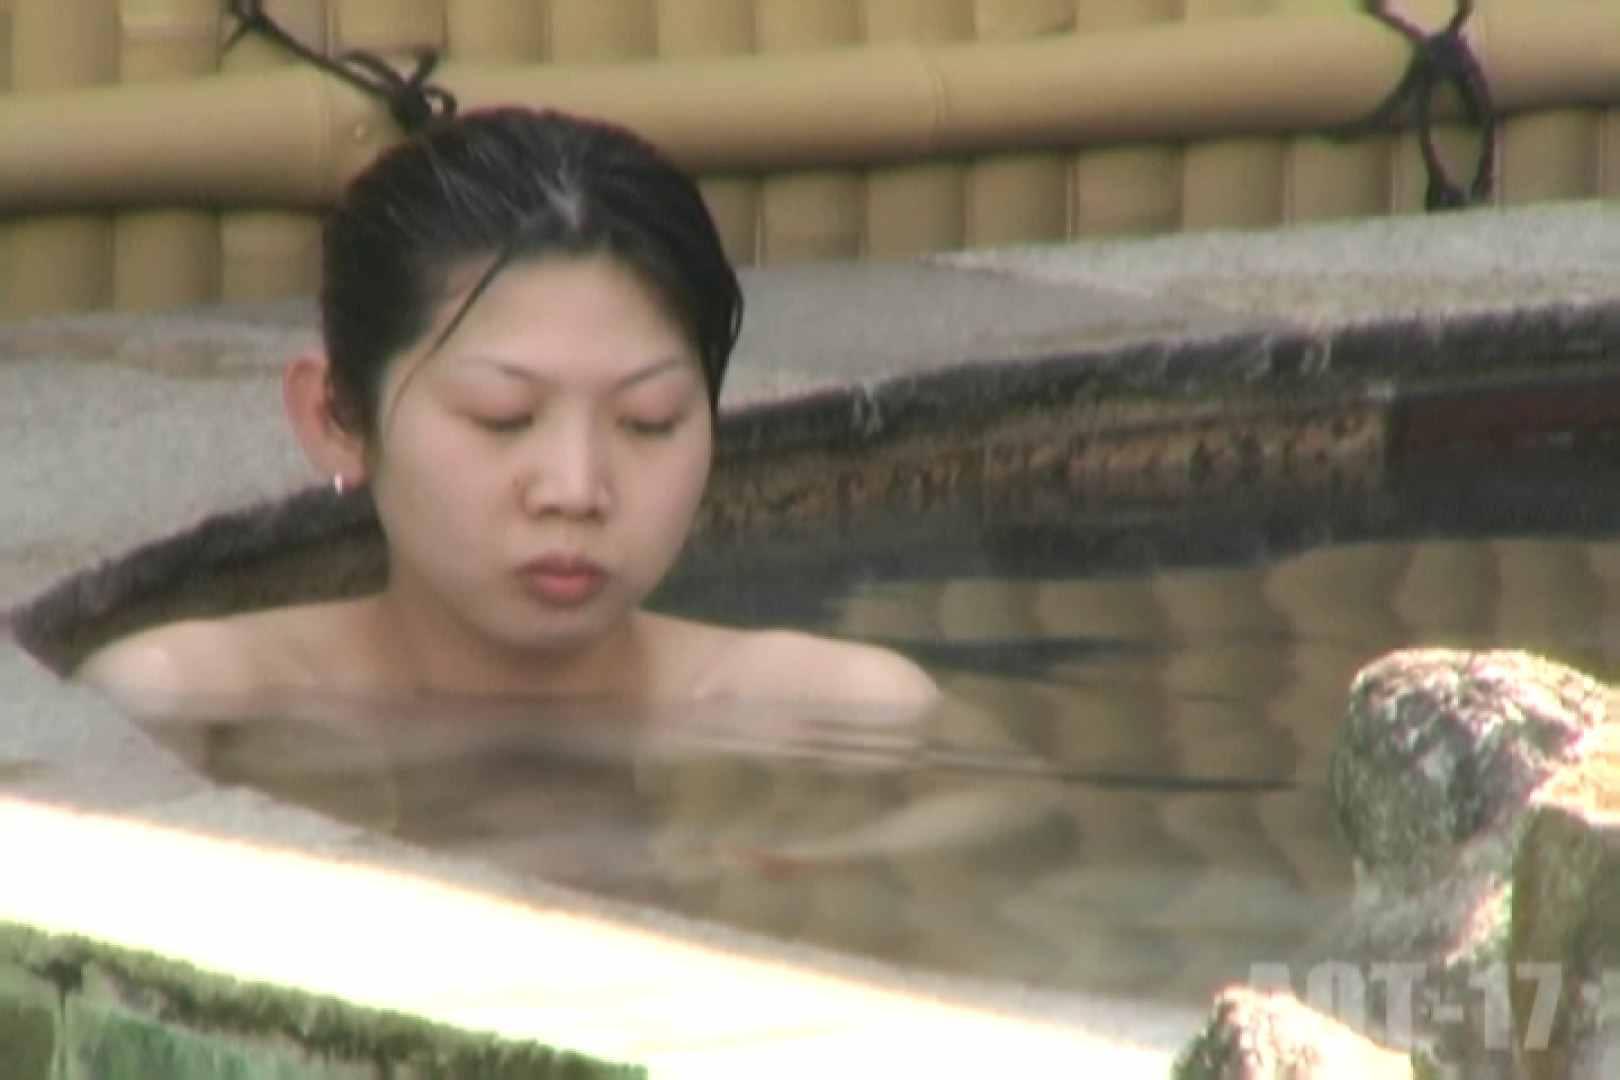 Aquaな露天風呂Vol.850 盗撮 | OLすけべ画像  38連発 37